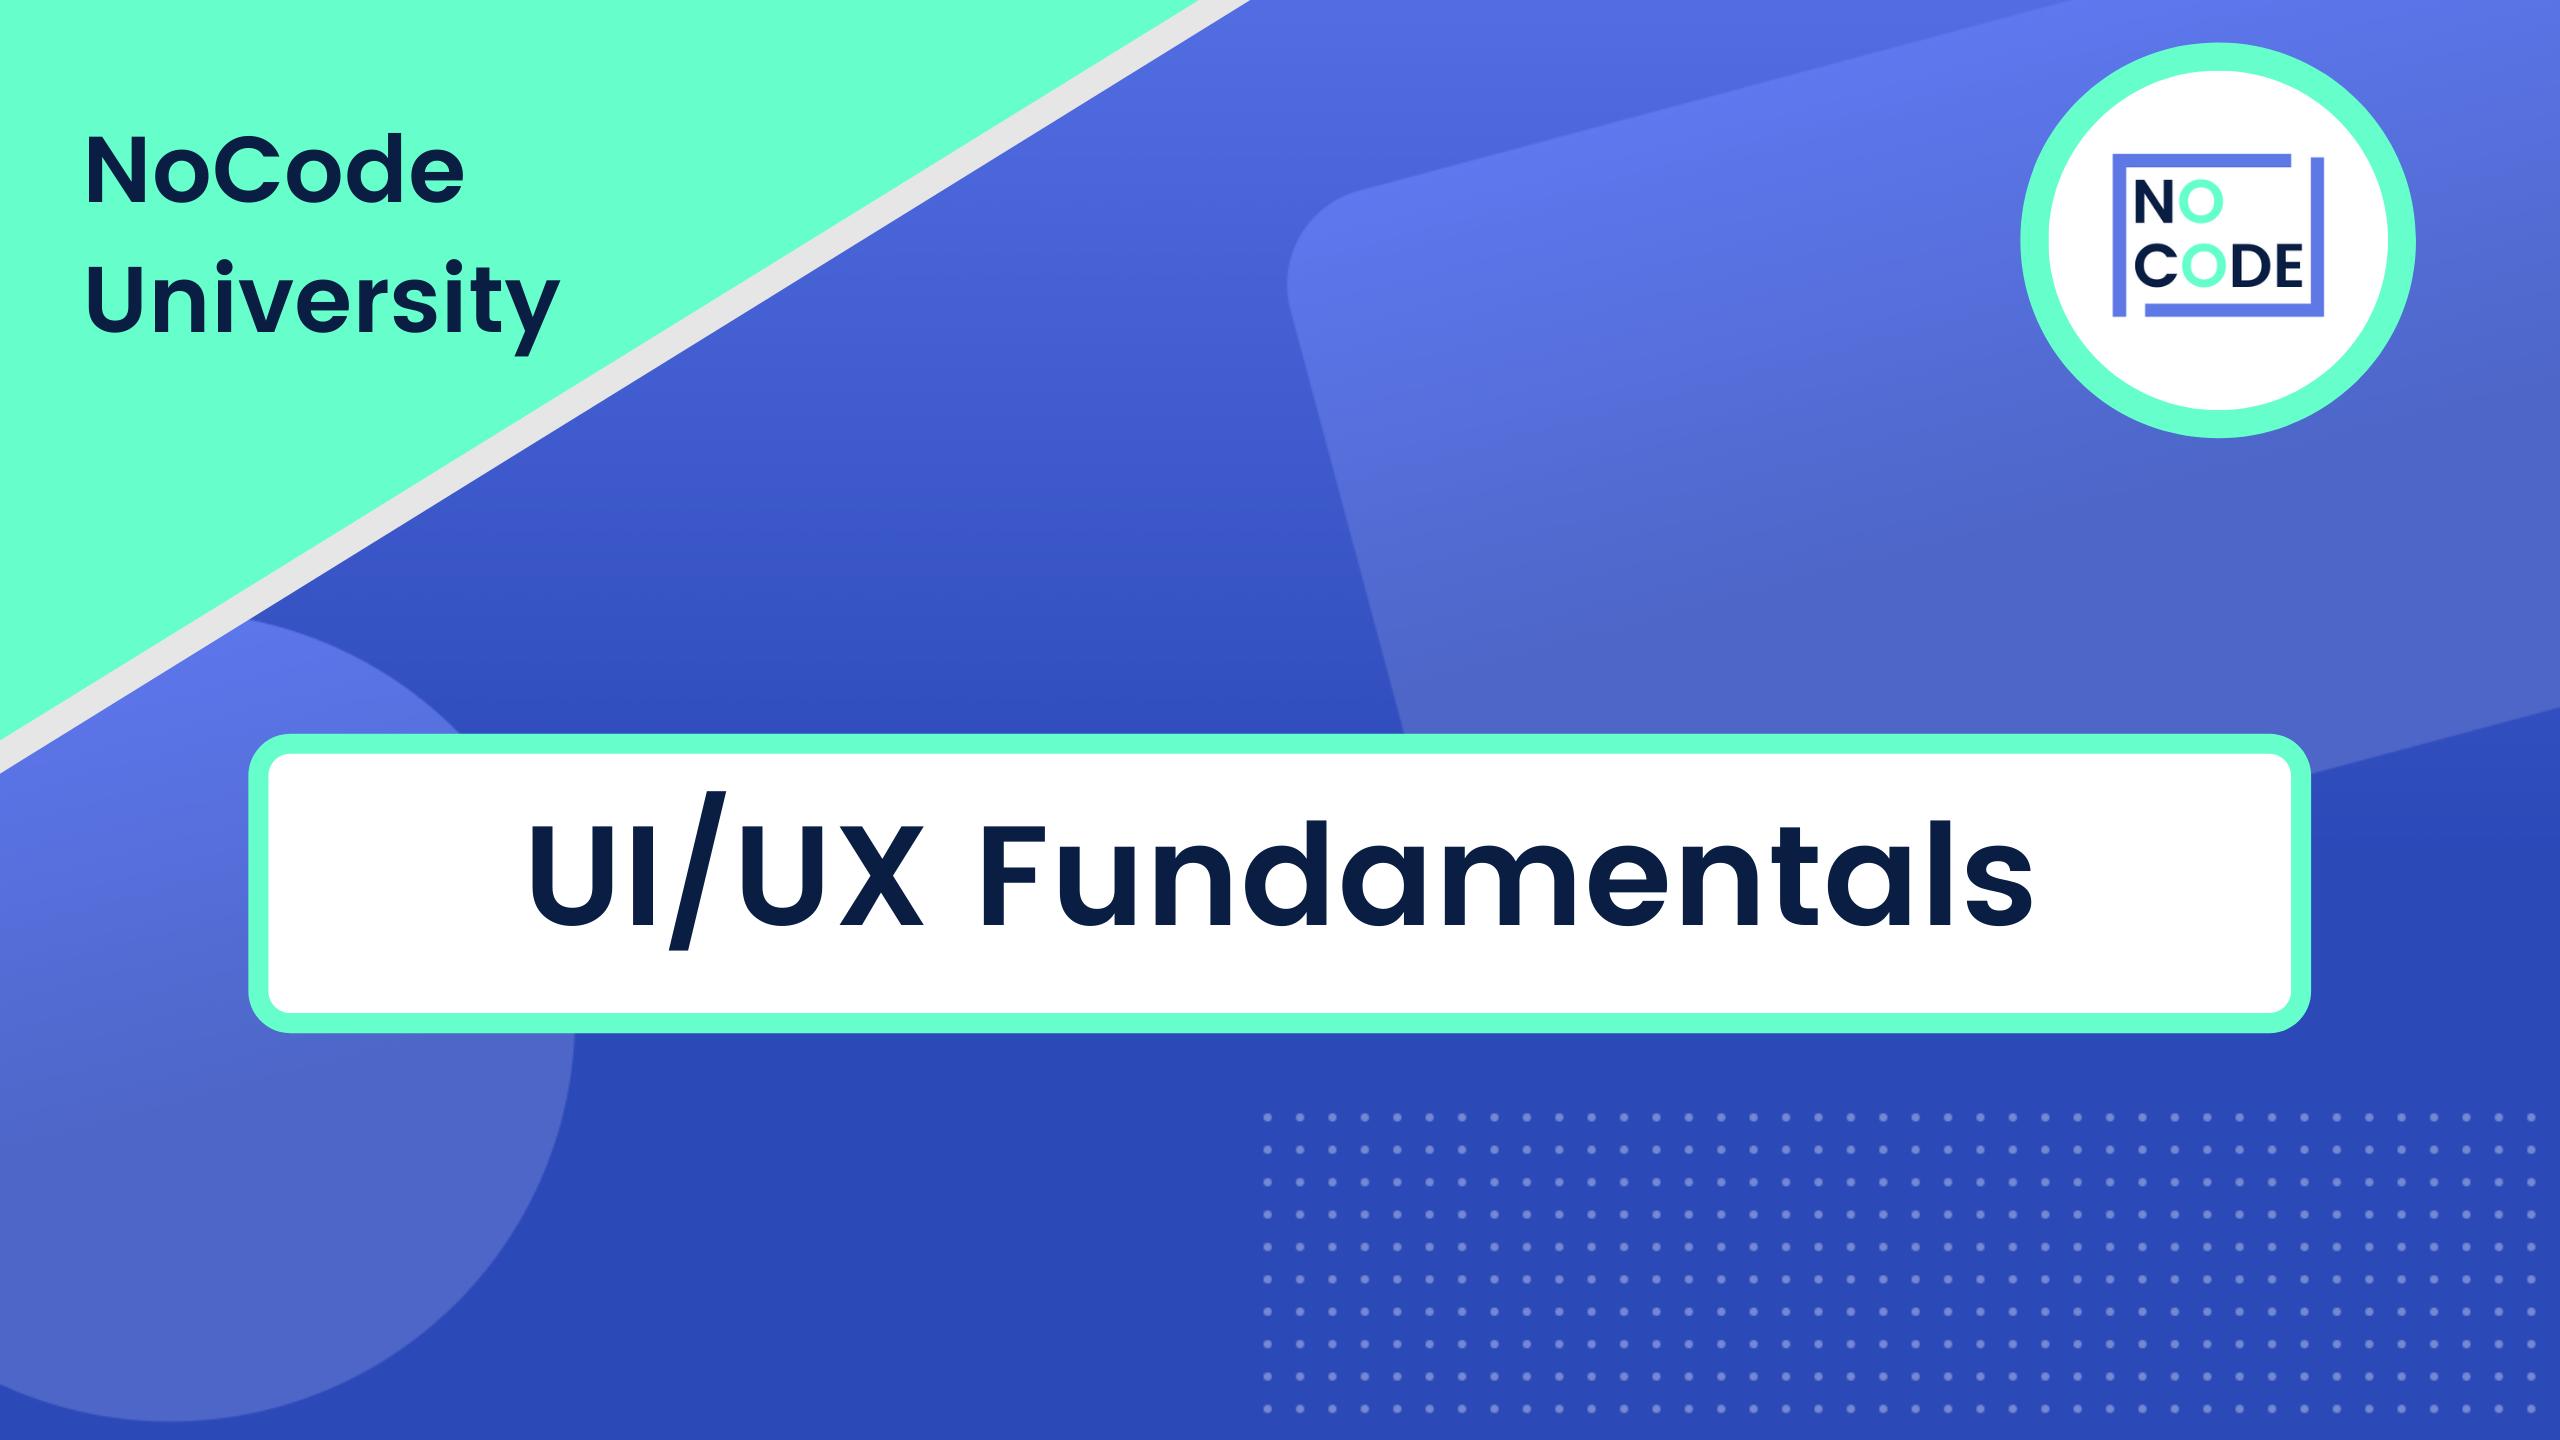 UI/UX Fundamentals